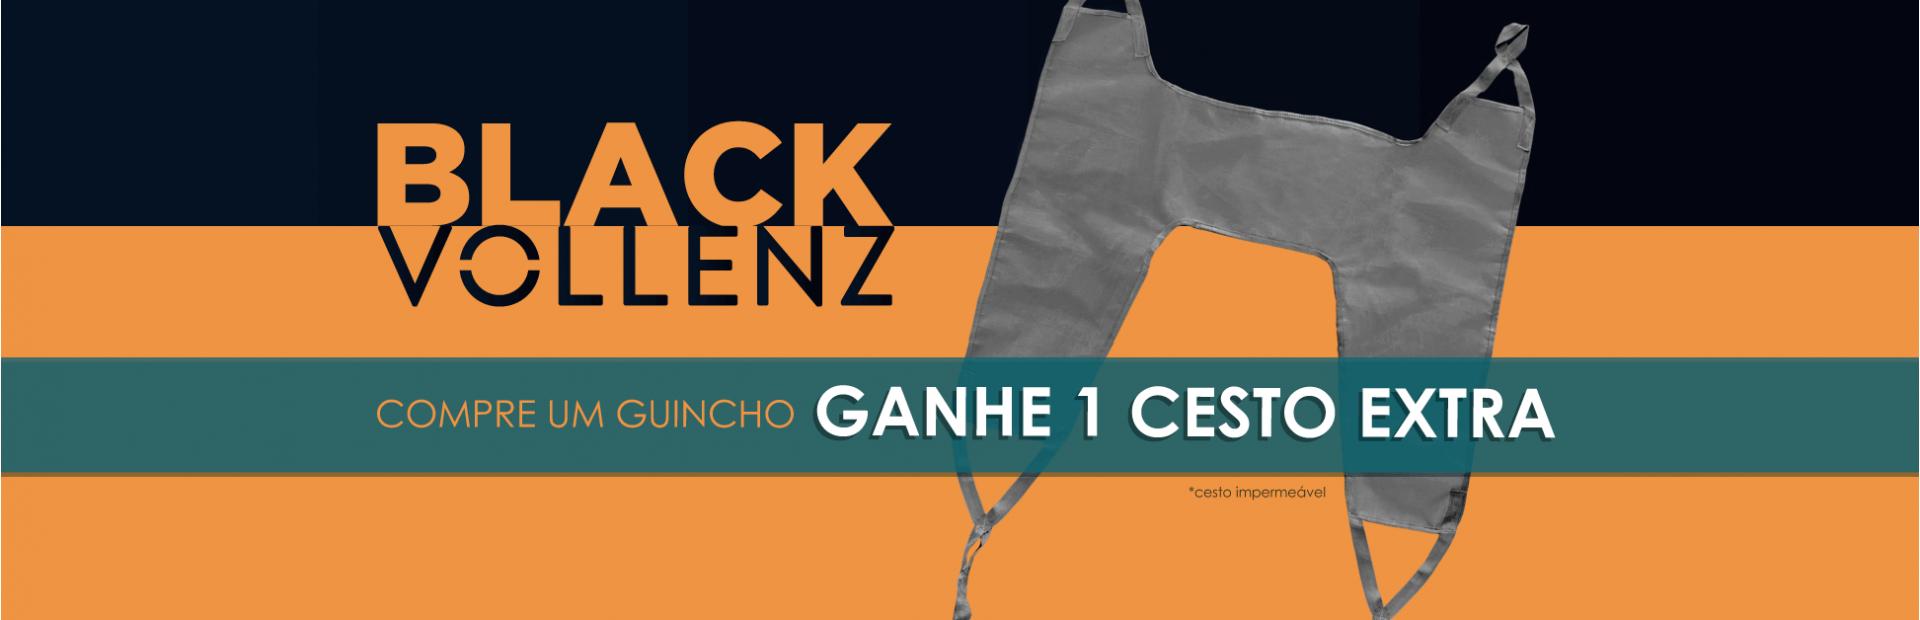 Banner Black Vollenz